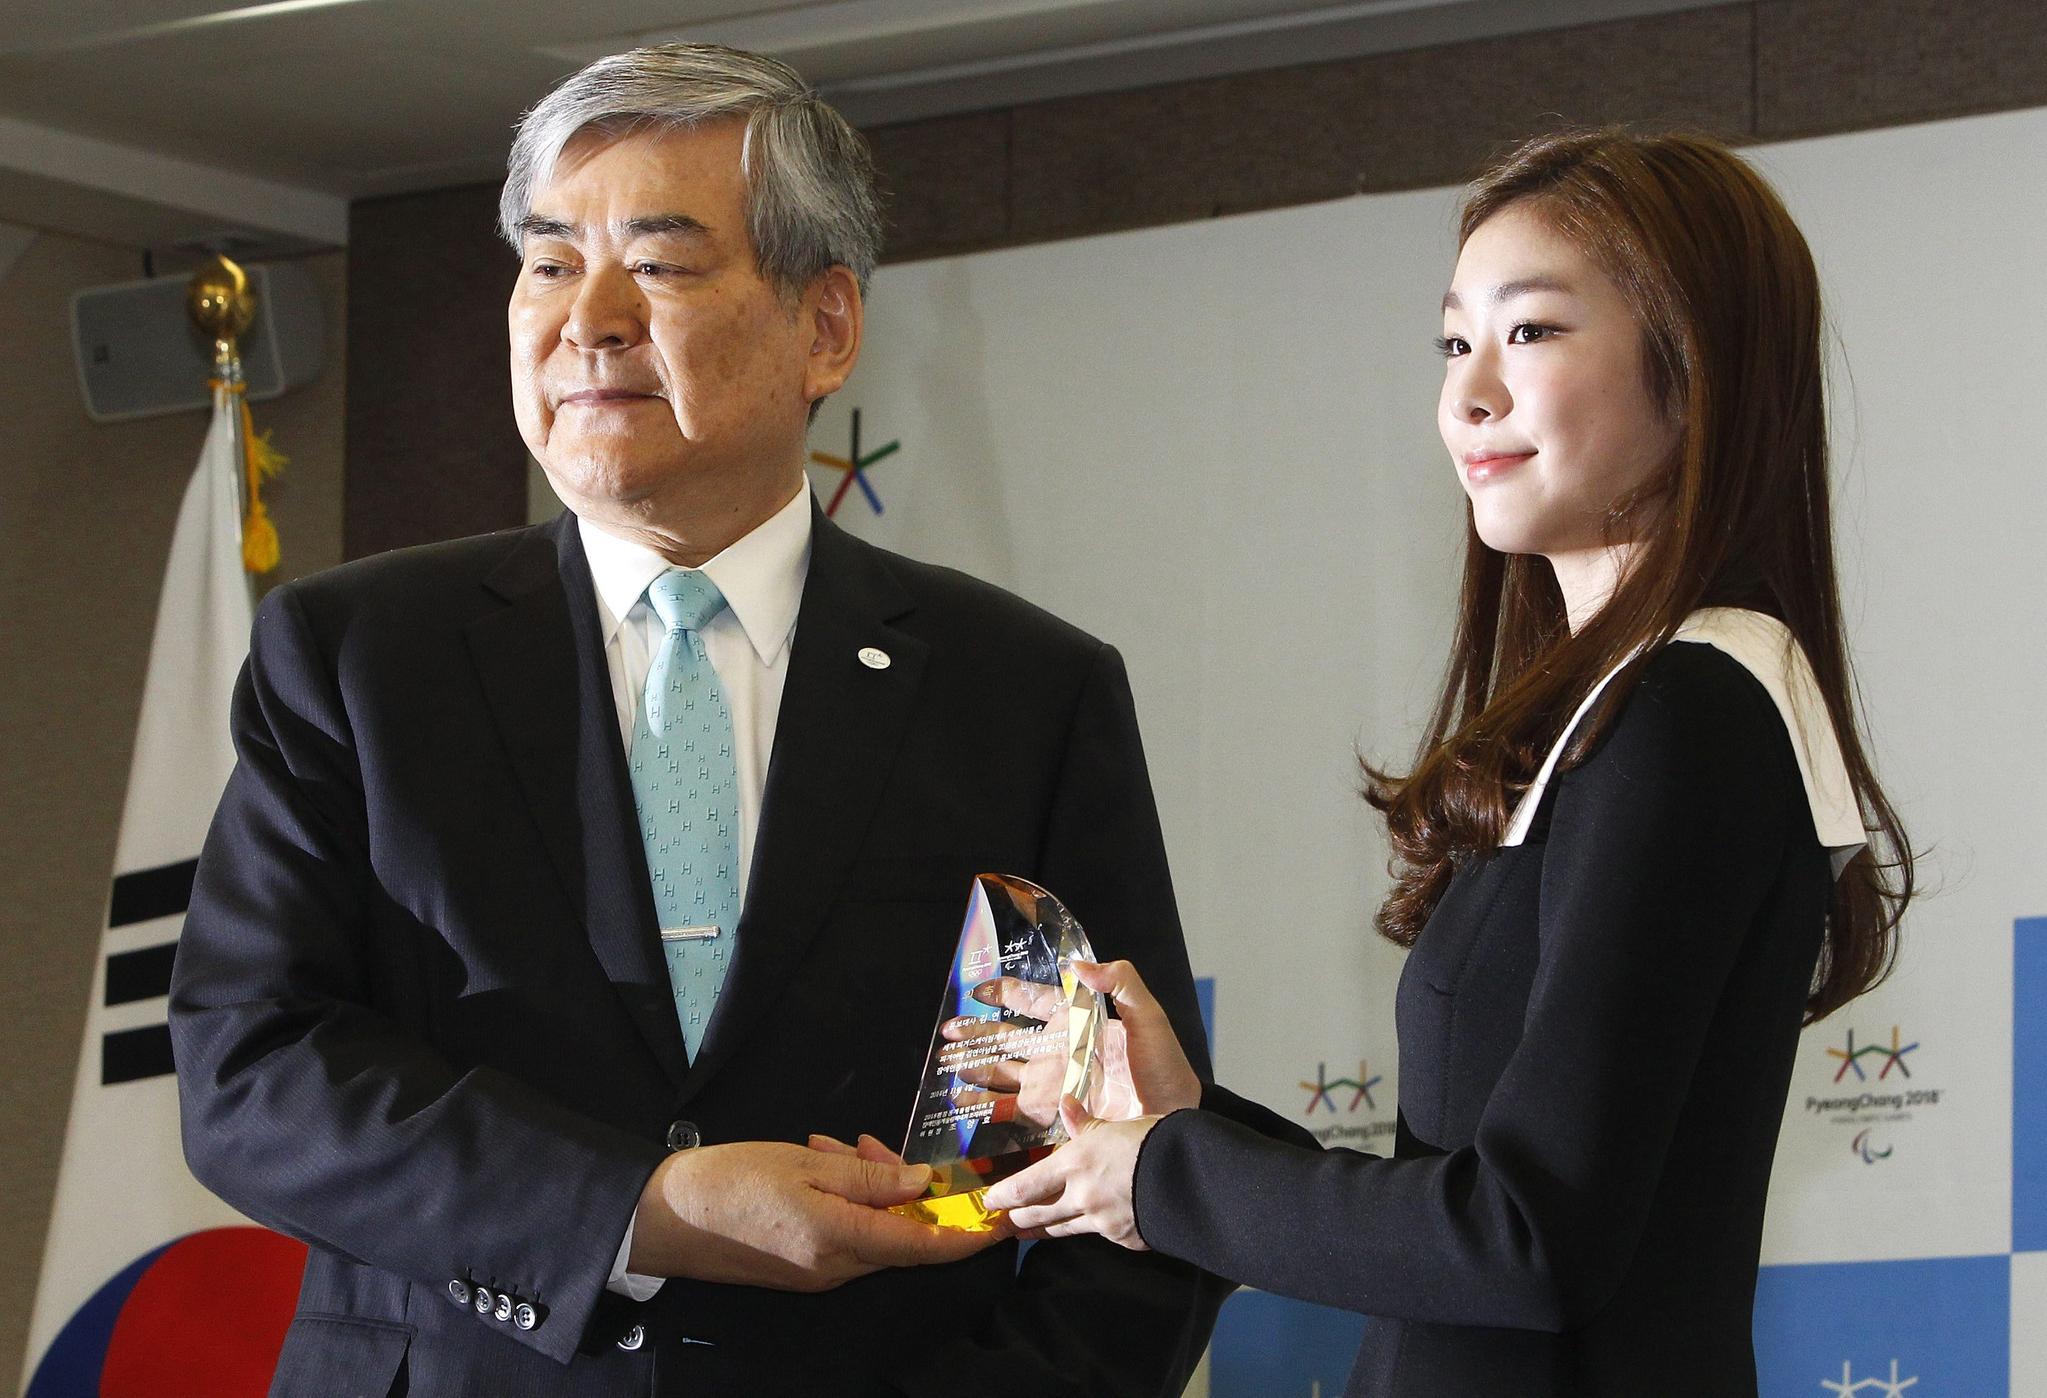 2014년 11월 4일 김연아(오른쪽) 선수가 당시 조양호 평창 동계올림픽 조직위원장에게 홍보대사 위촉패을 받고 있다. [EPA=연합뉴스]